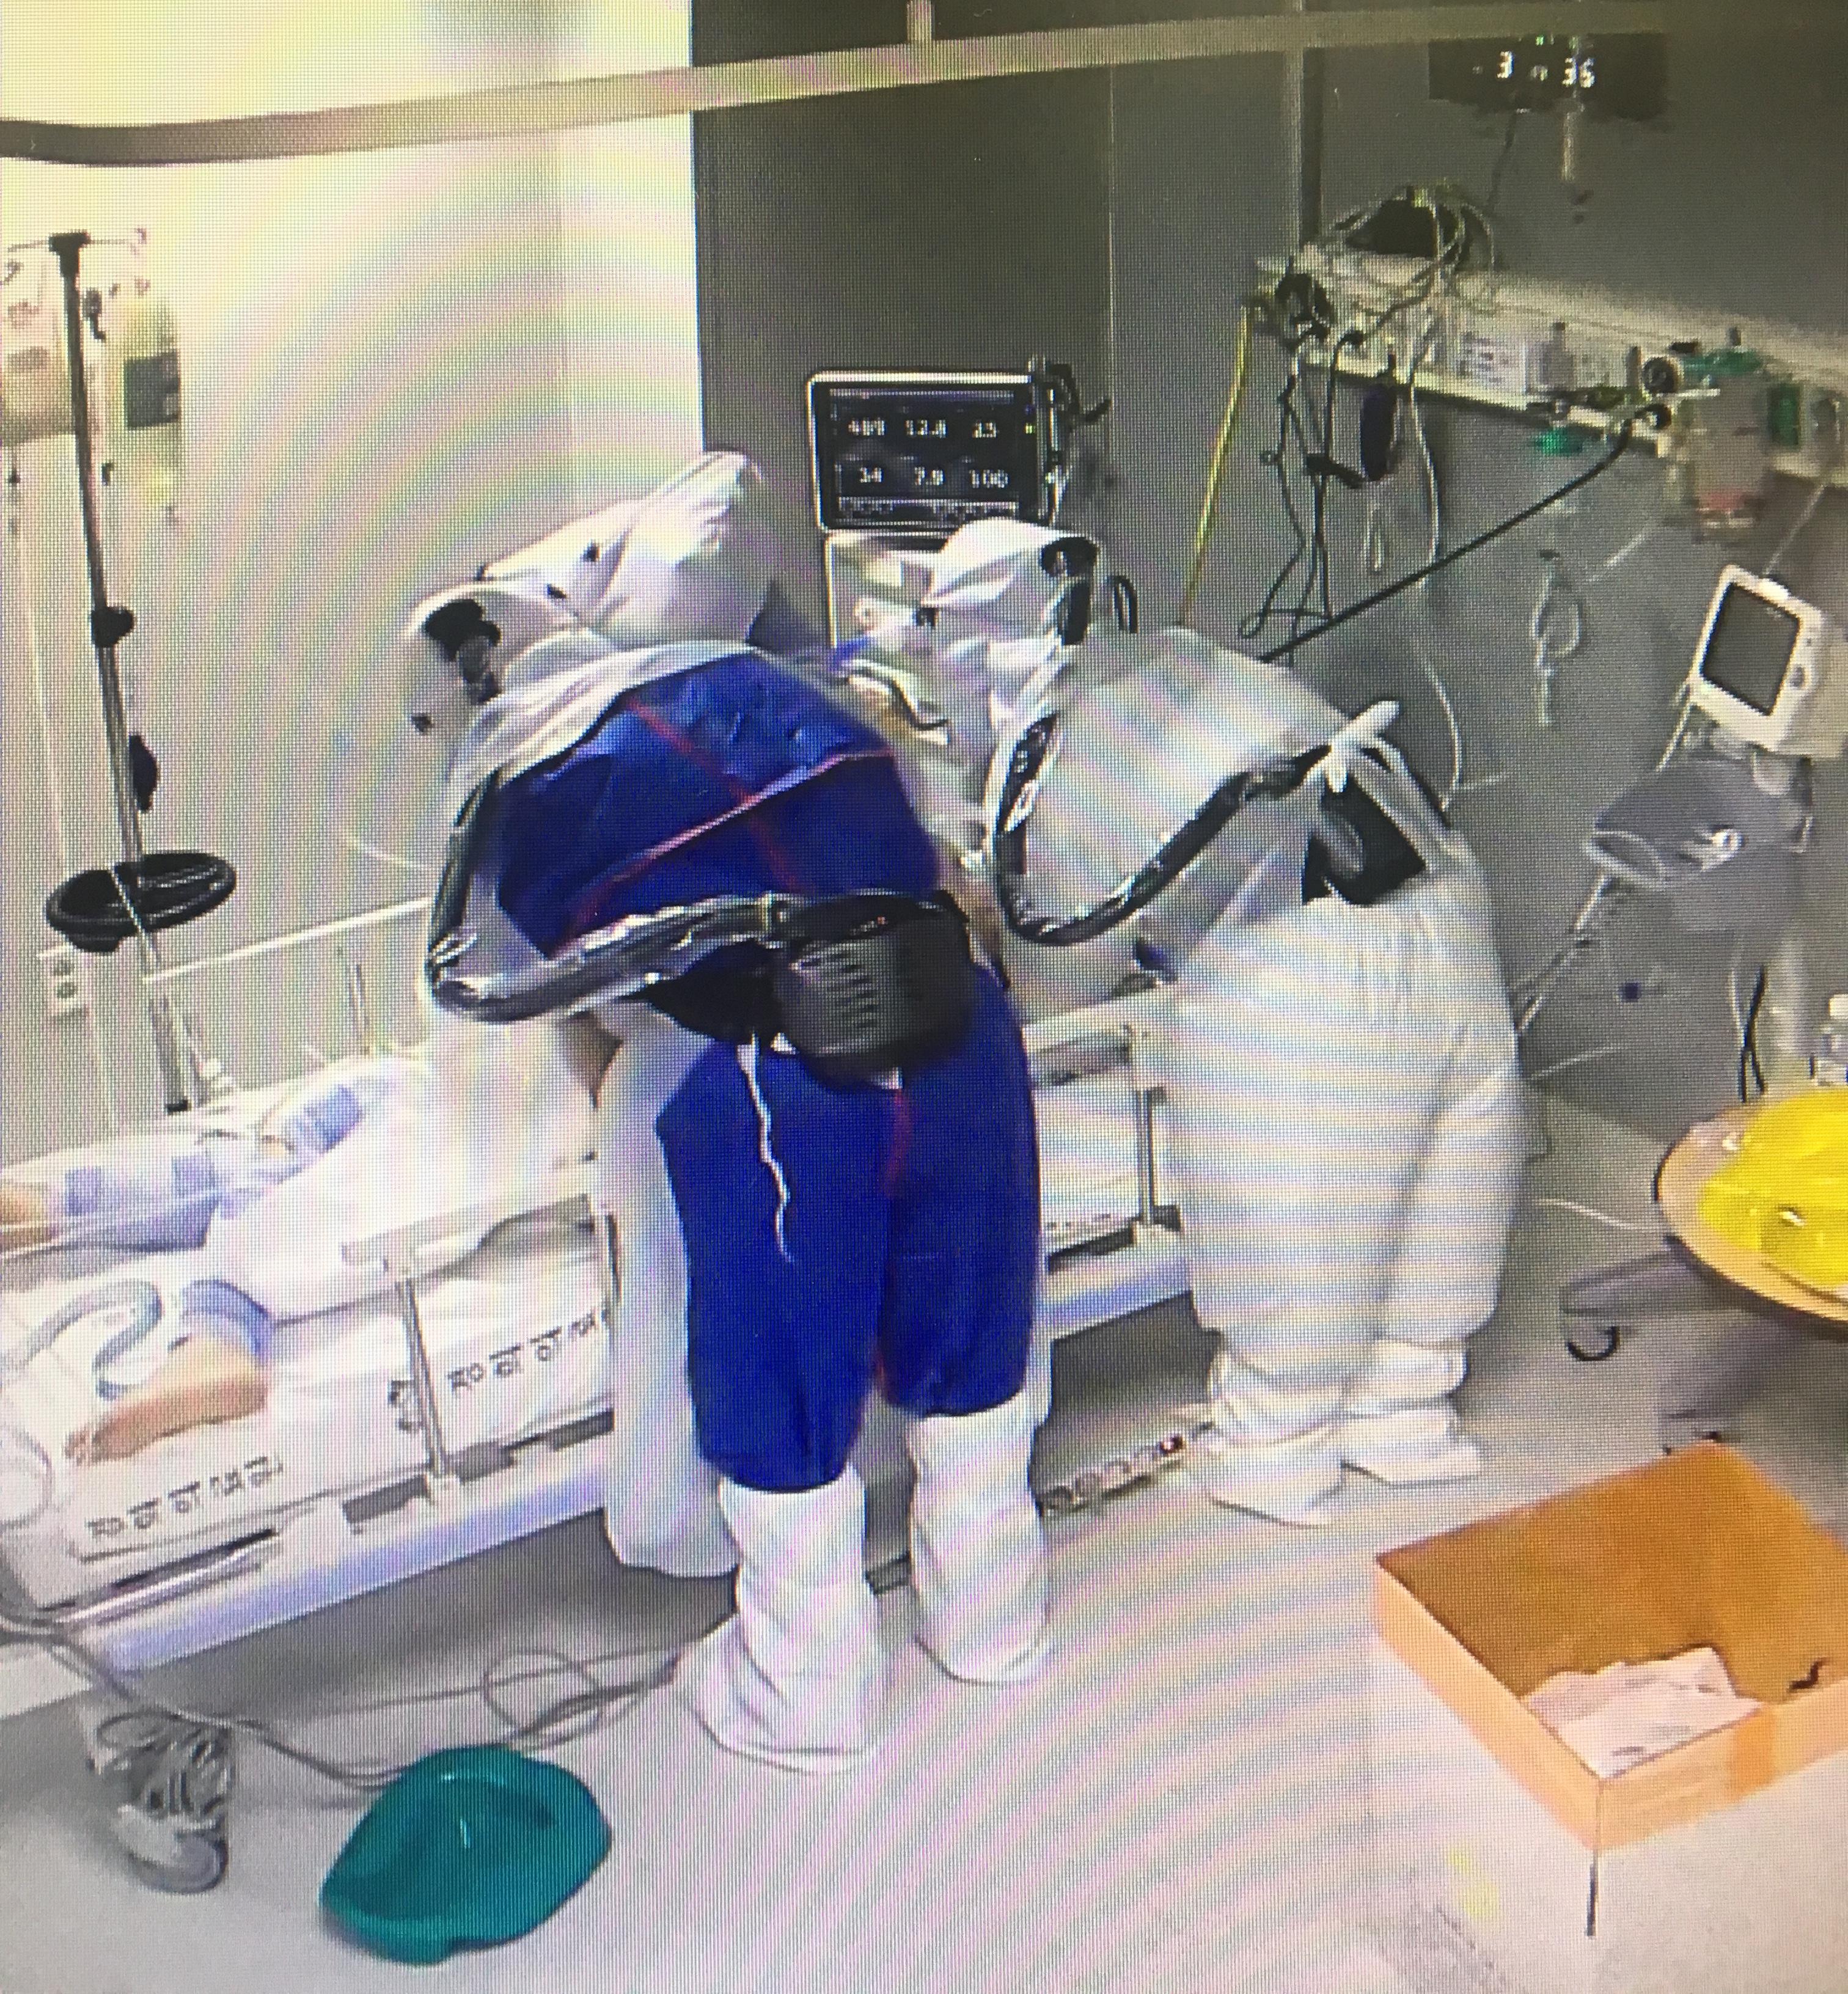 병동에 비치된 '관'…코로나 사투 속 간호사들